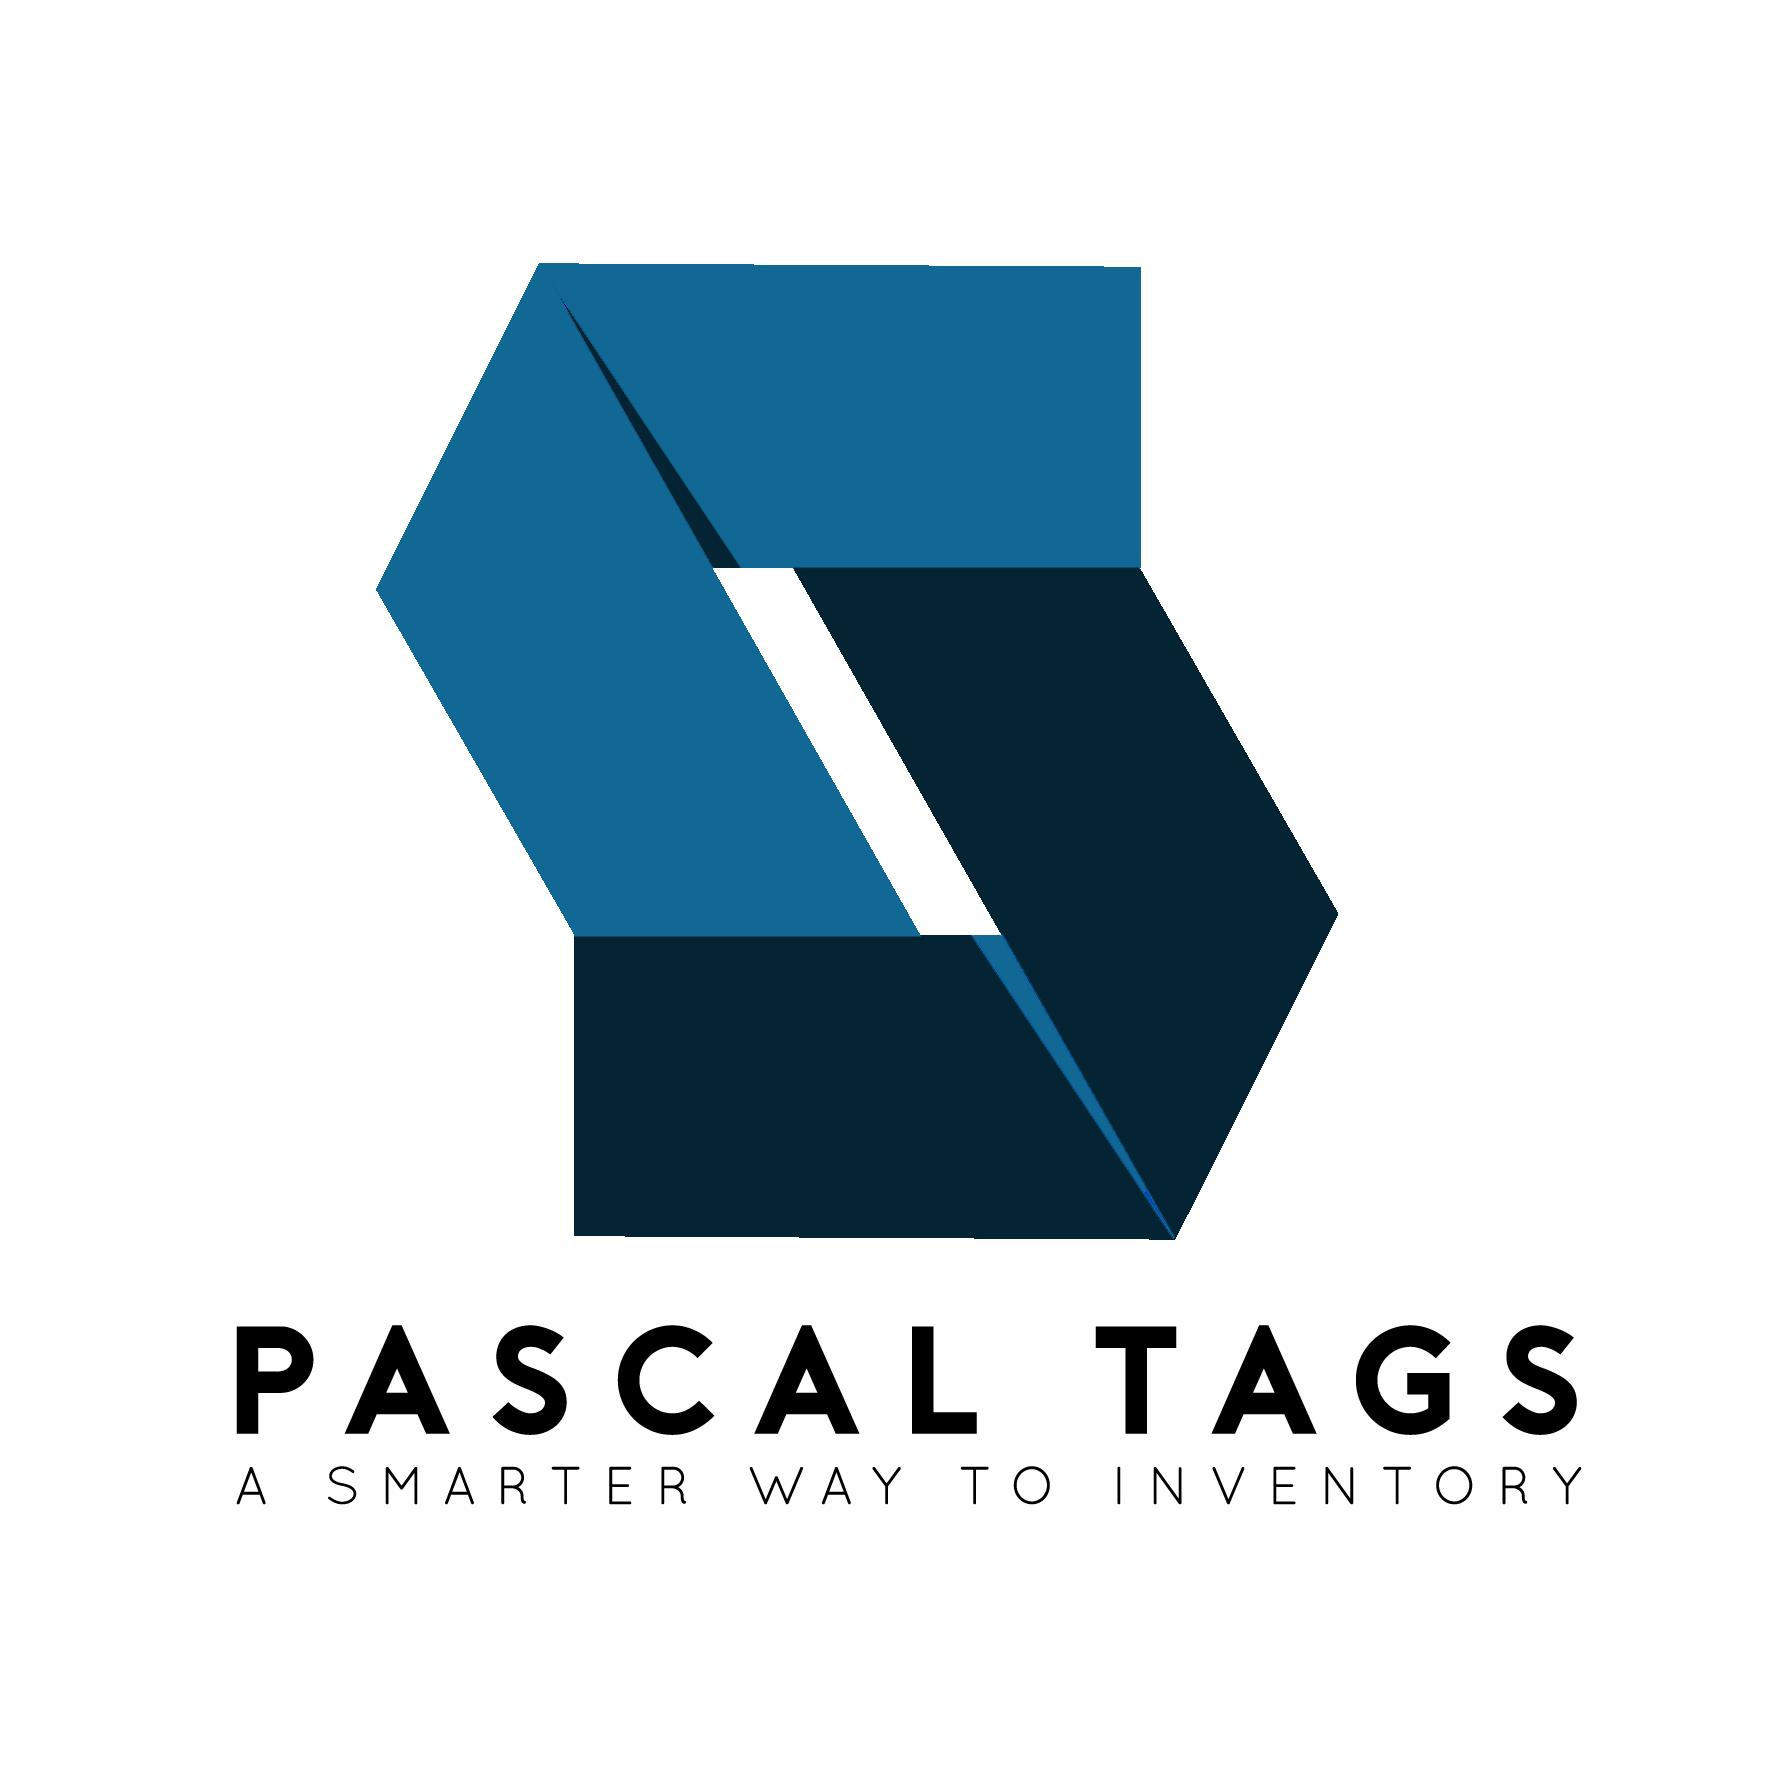 Pascal Tags